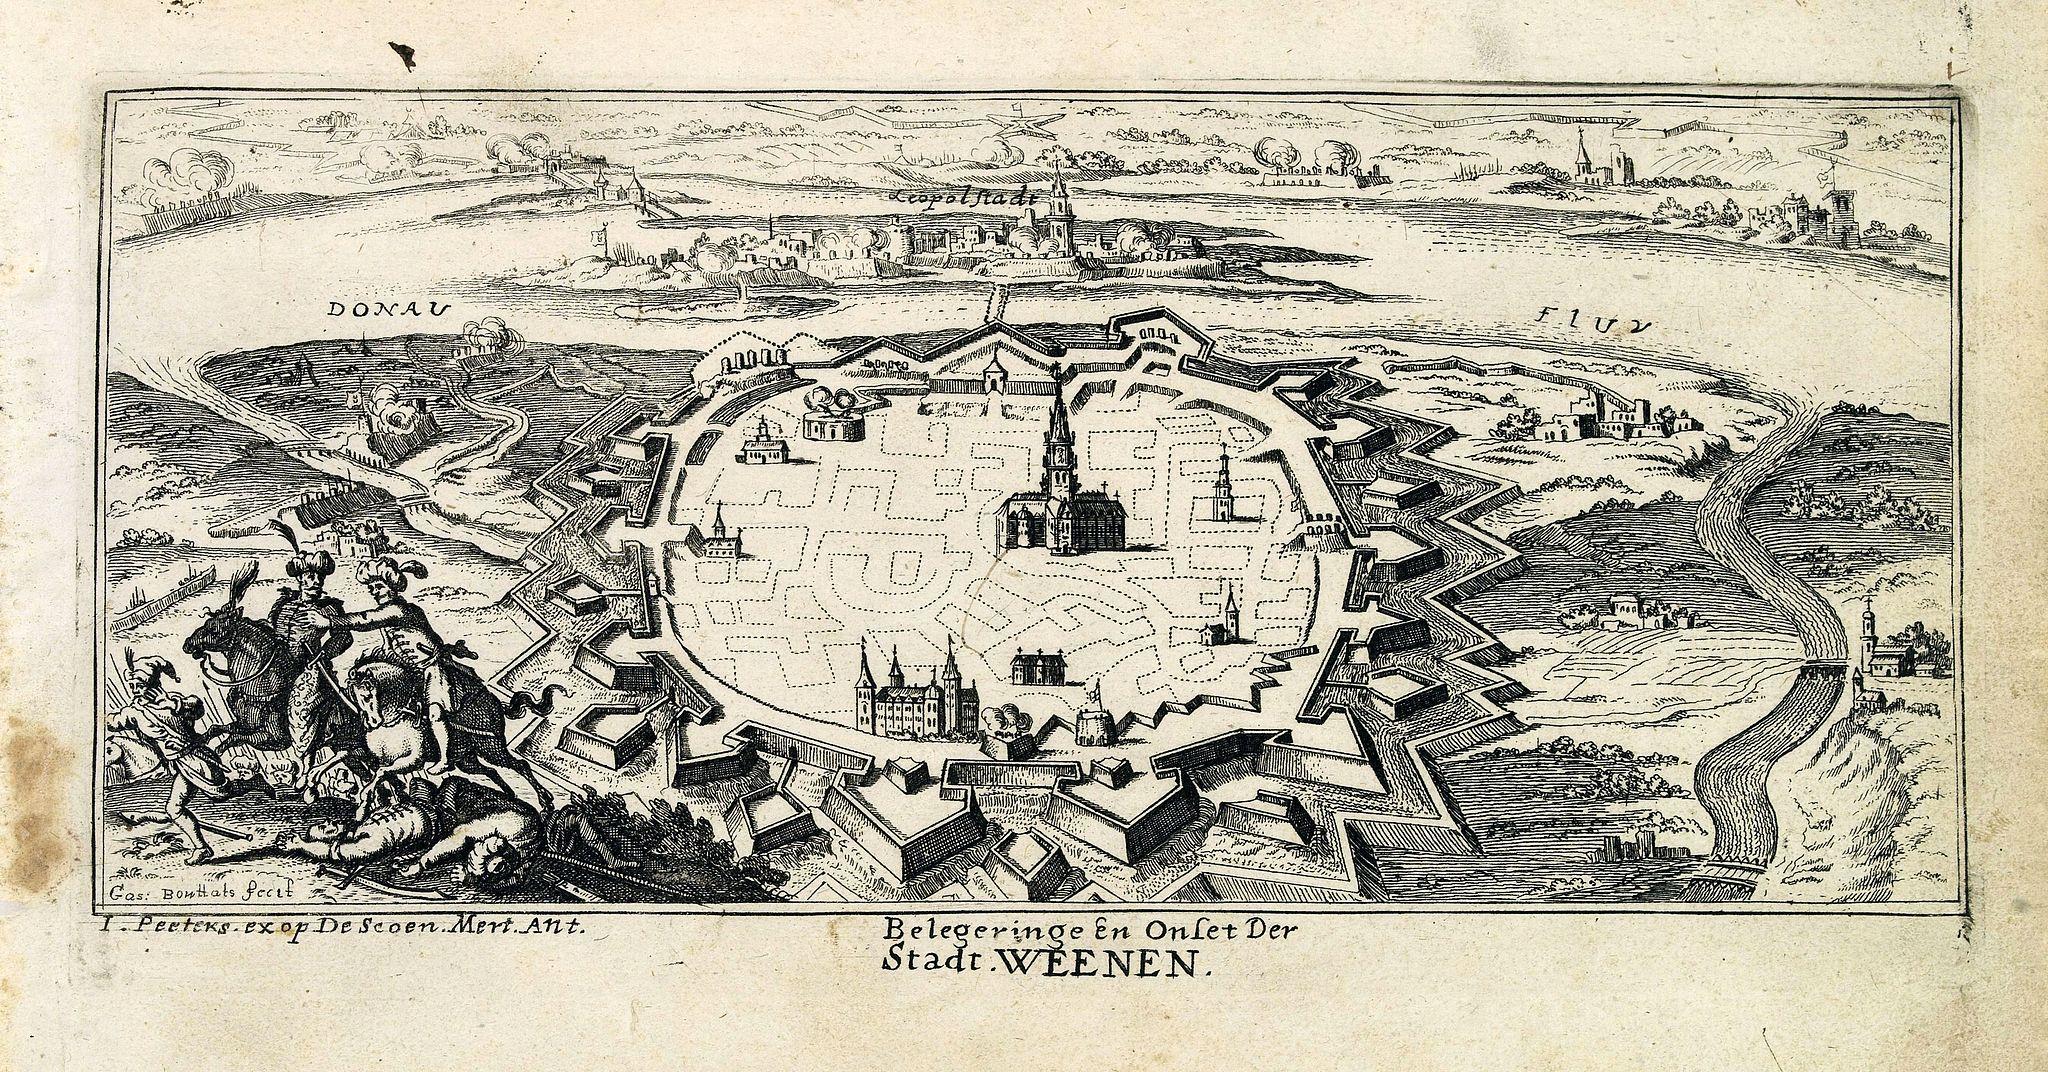 PEETERS, J. / BOUTTATS, G. -  Belegeringe en onset der Stadt Weenen.